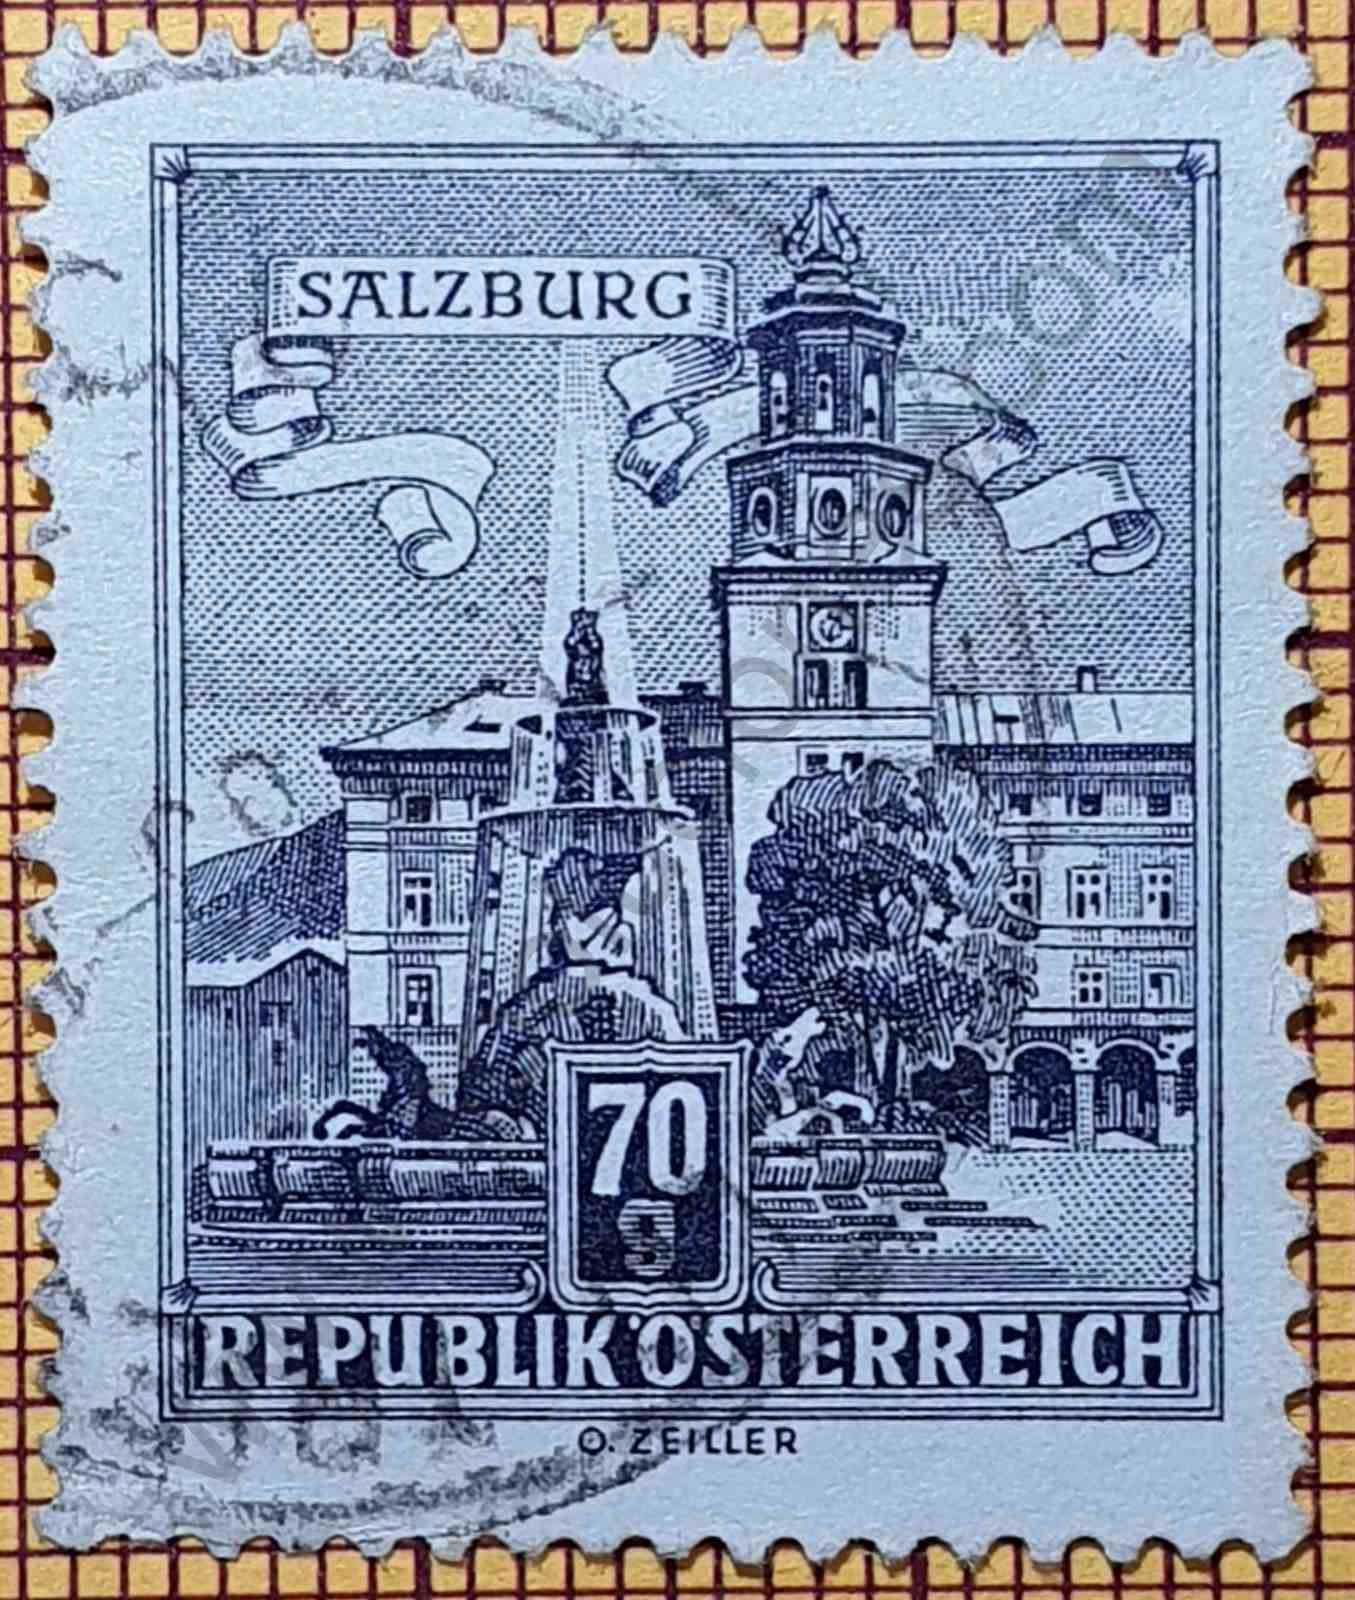 Residenzplatz de Salzburgo - Sello de Austria año 1962